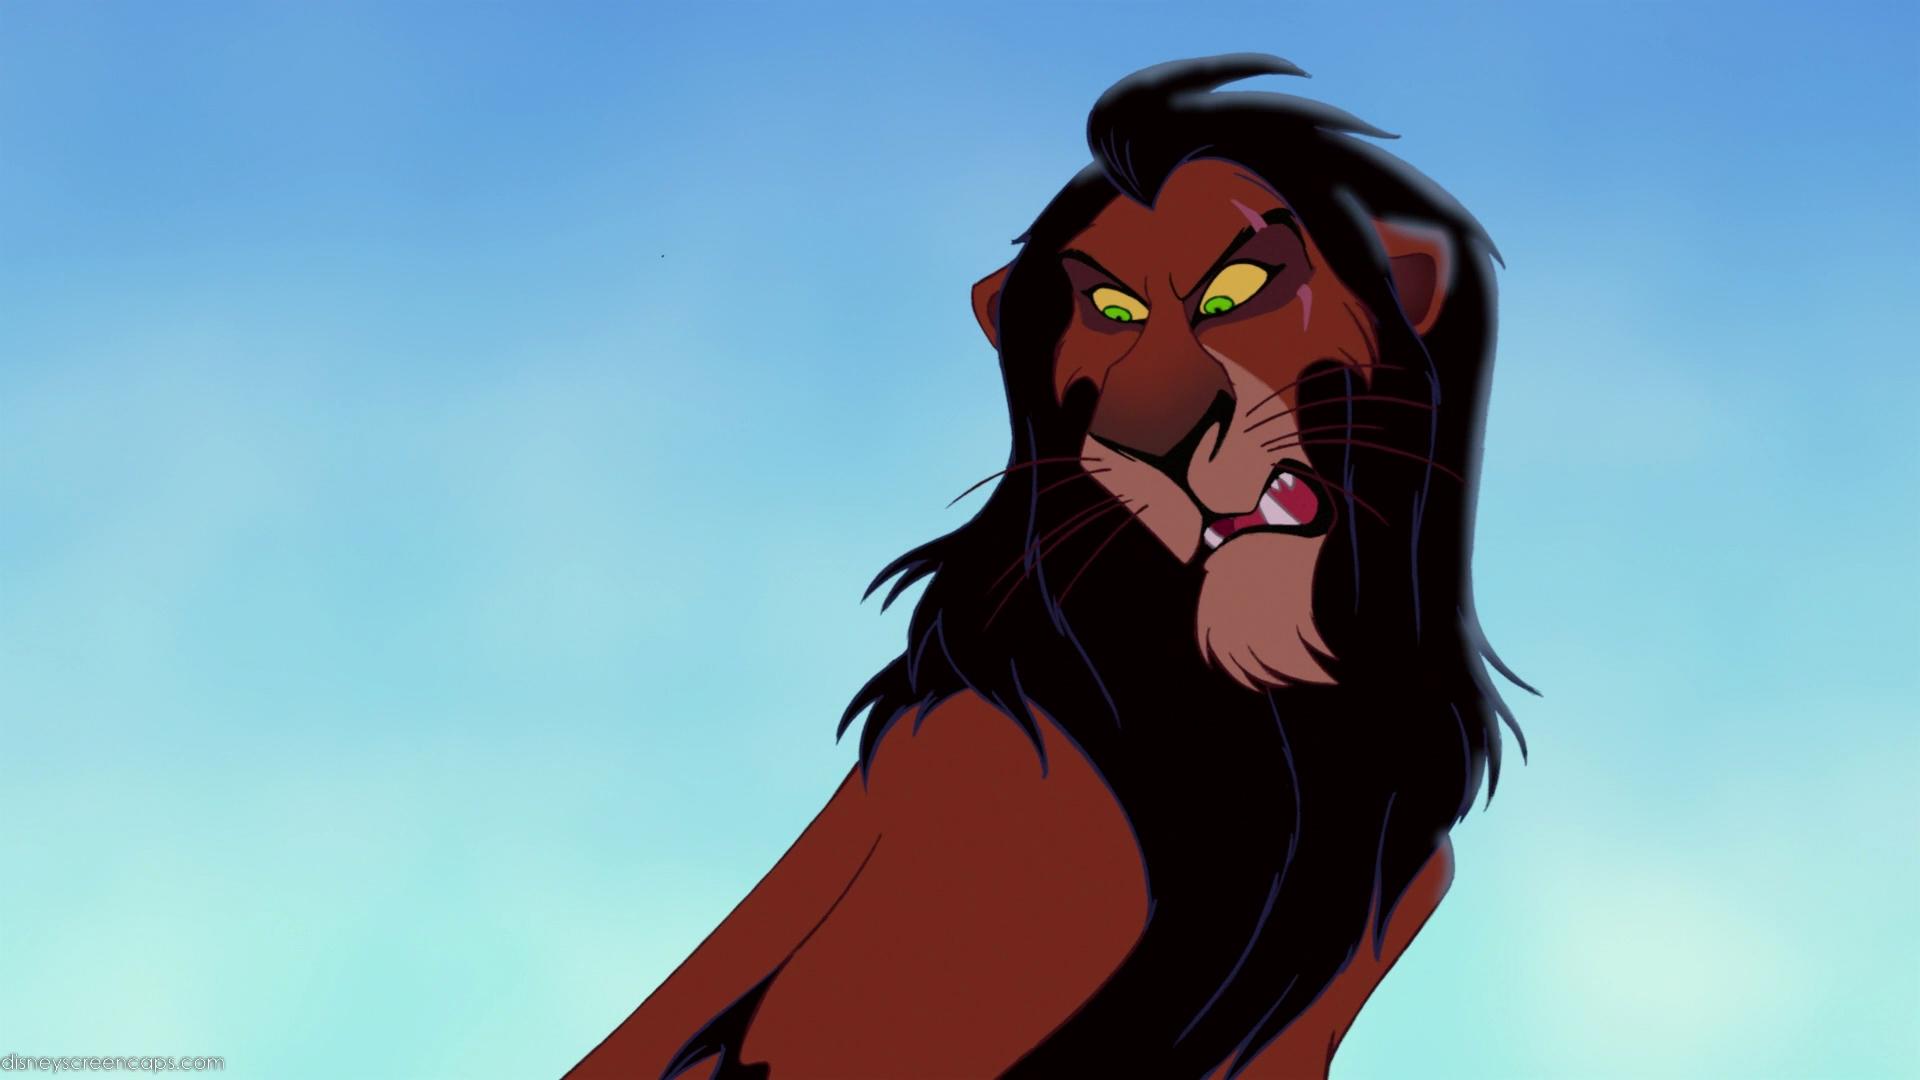 Scar i Lejonkungen - en klassisk Disneyfilm